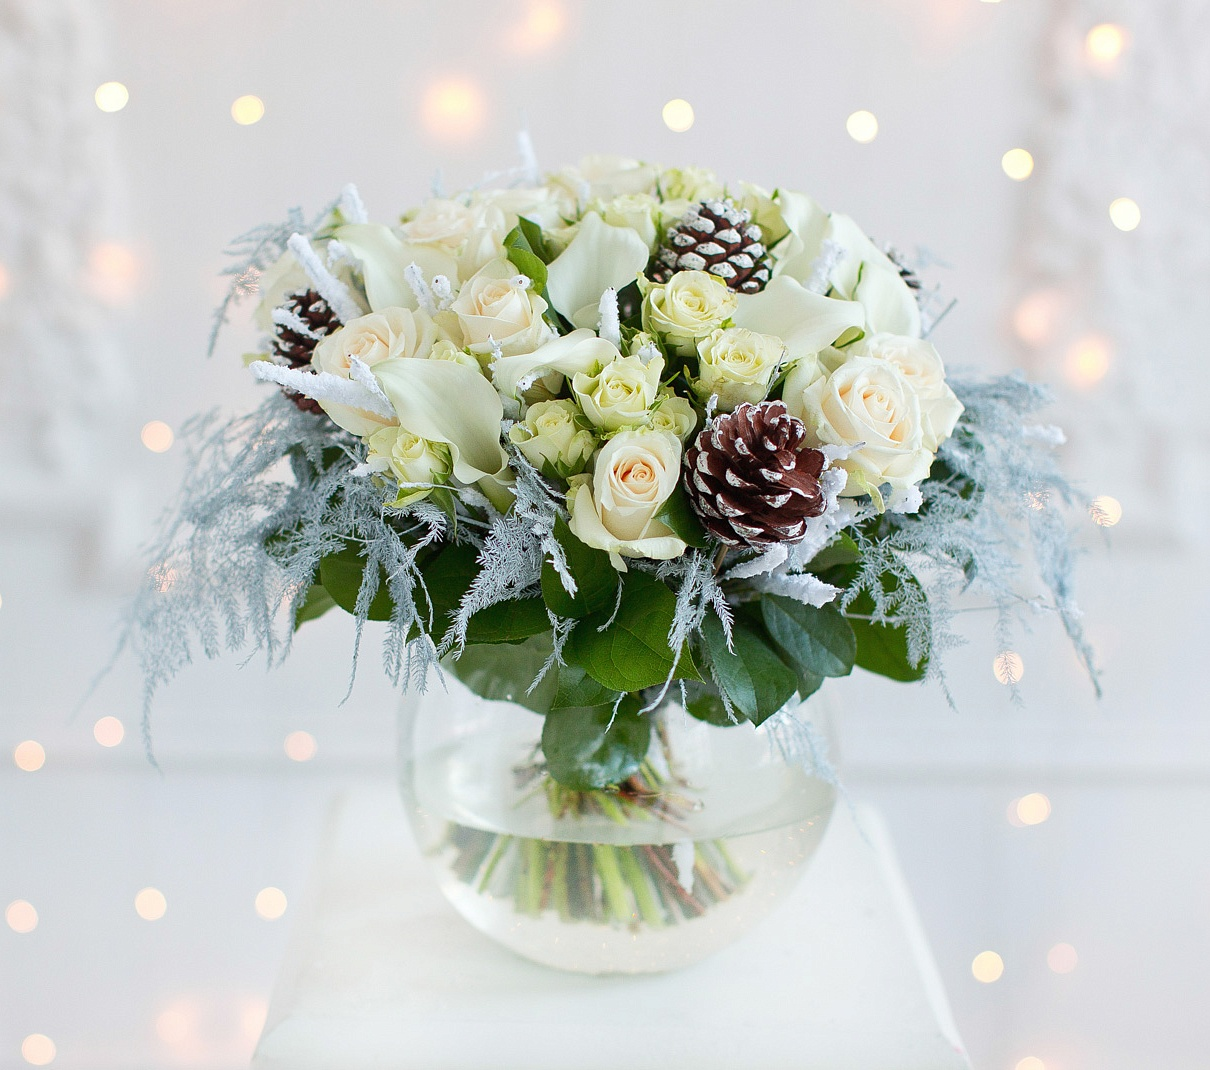 приора зарекомендовала цветы фото красивые букеты на снегу энна сегодня предстает